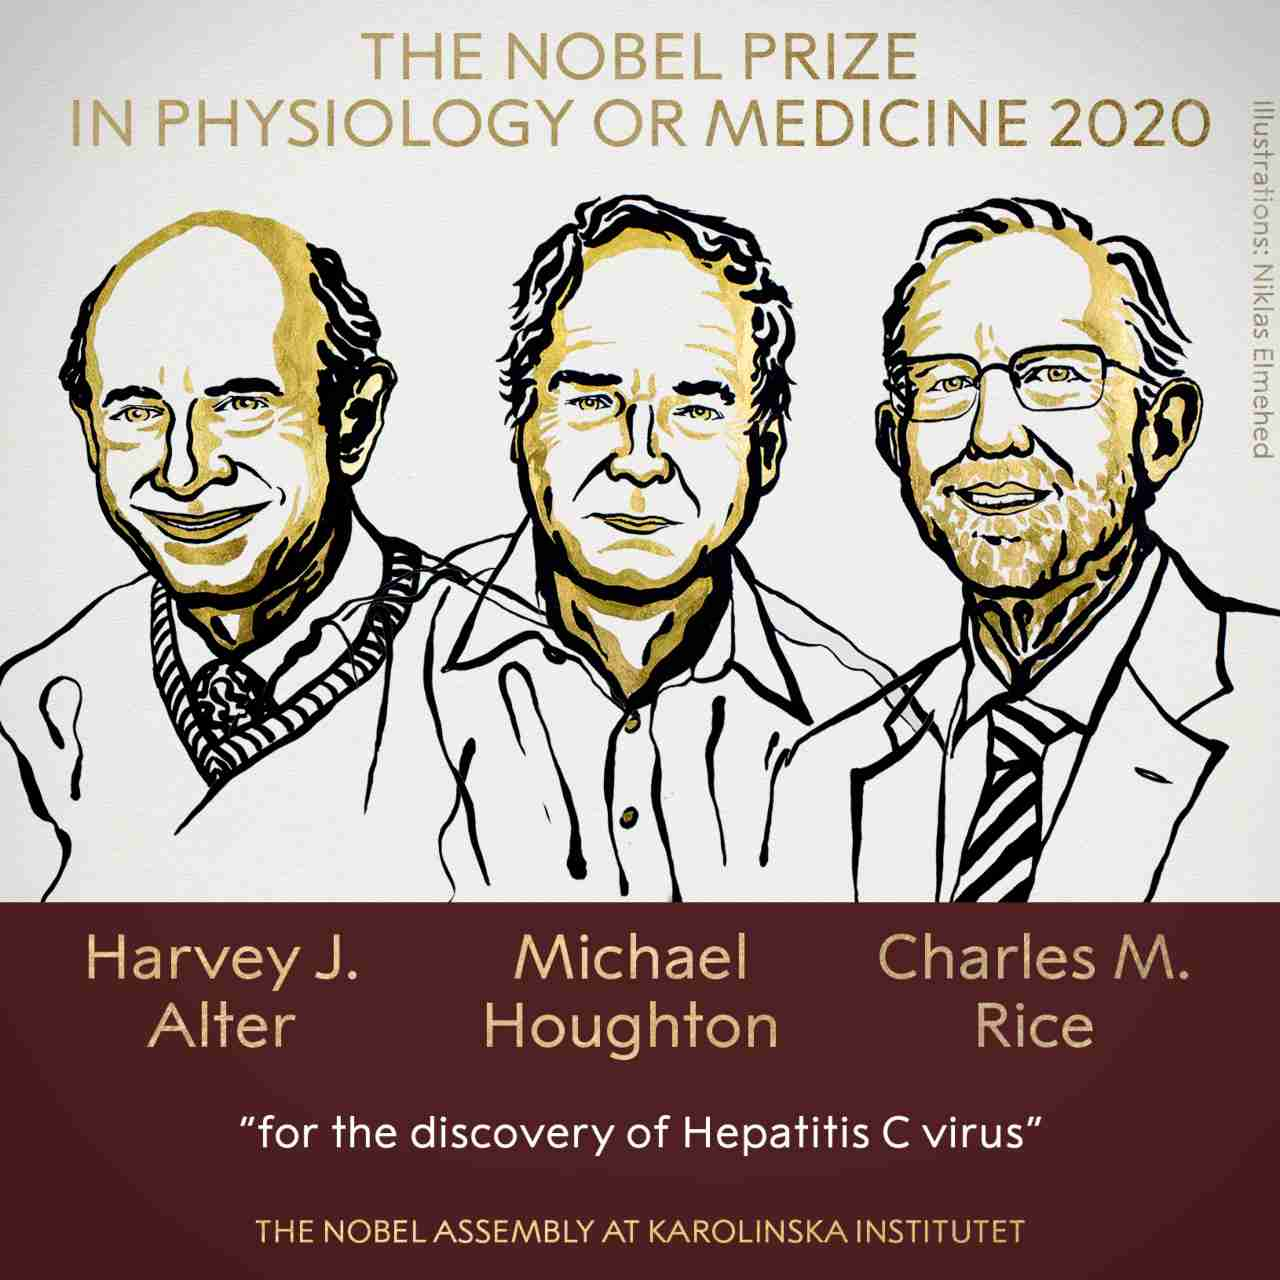 Le prix Nobel de médecine 2020 décerné à trois chercheurs pour la découverte du virus de l'hépatite C, facilitant la guérison